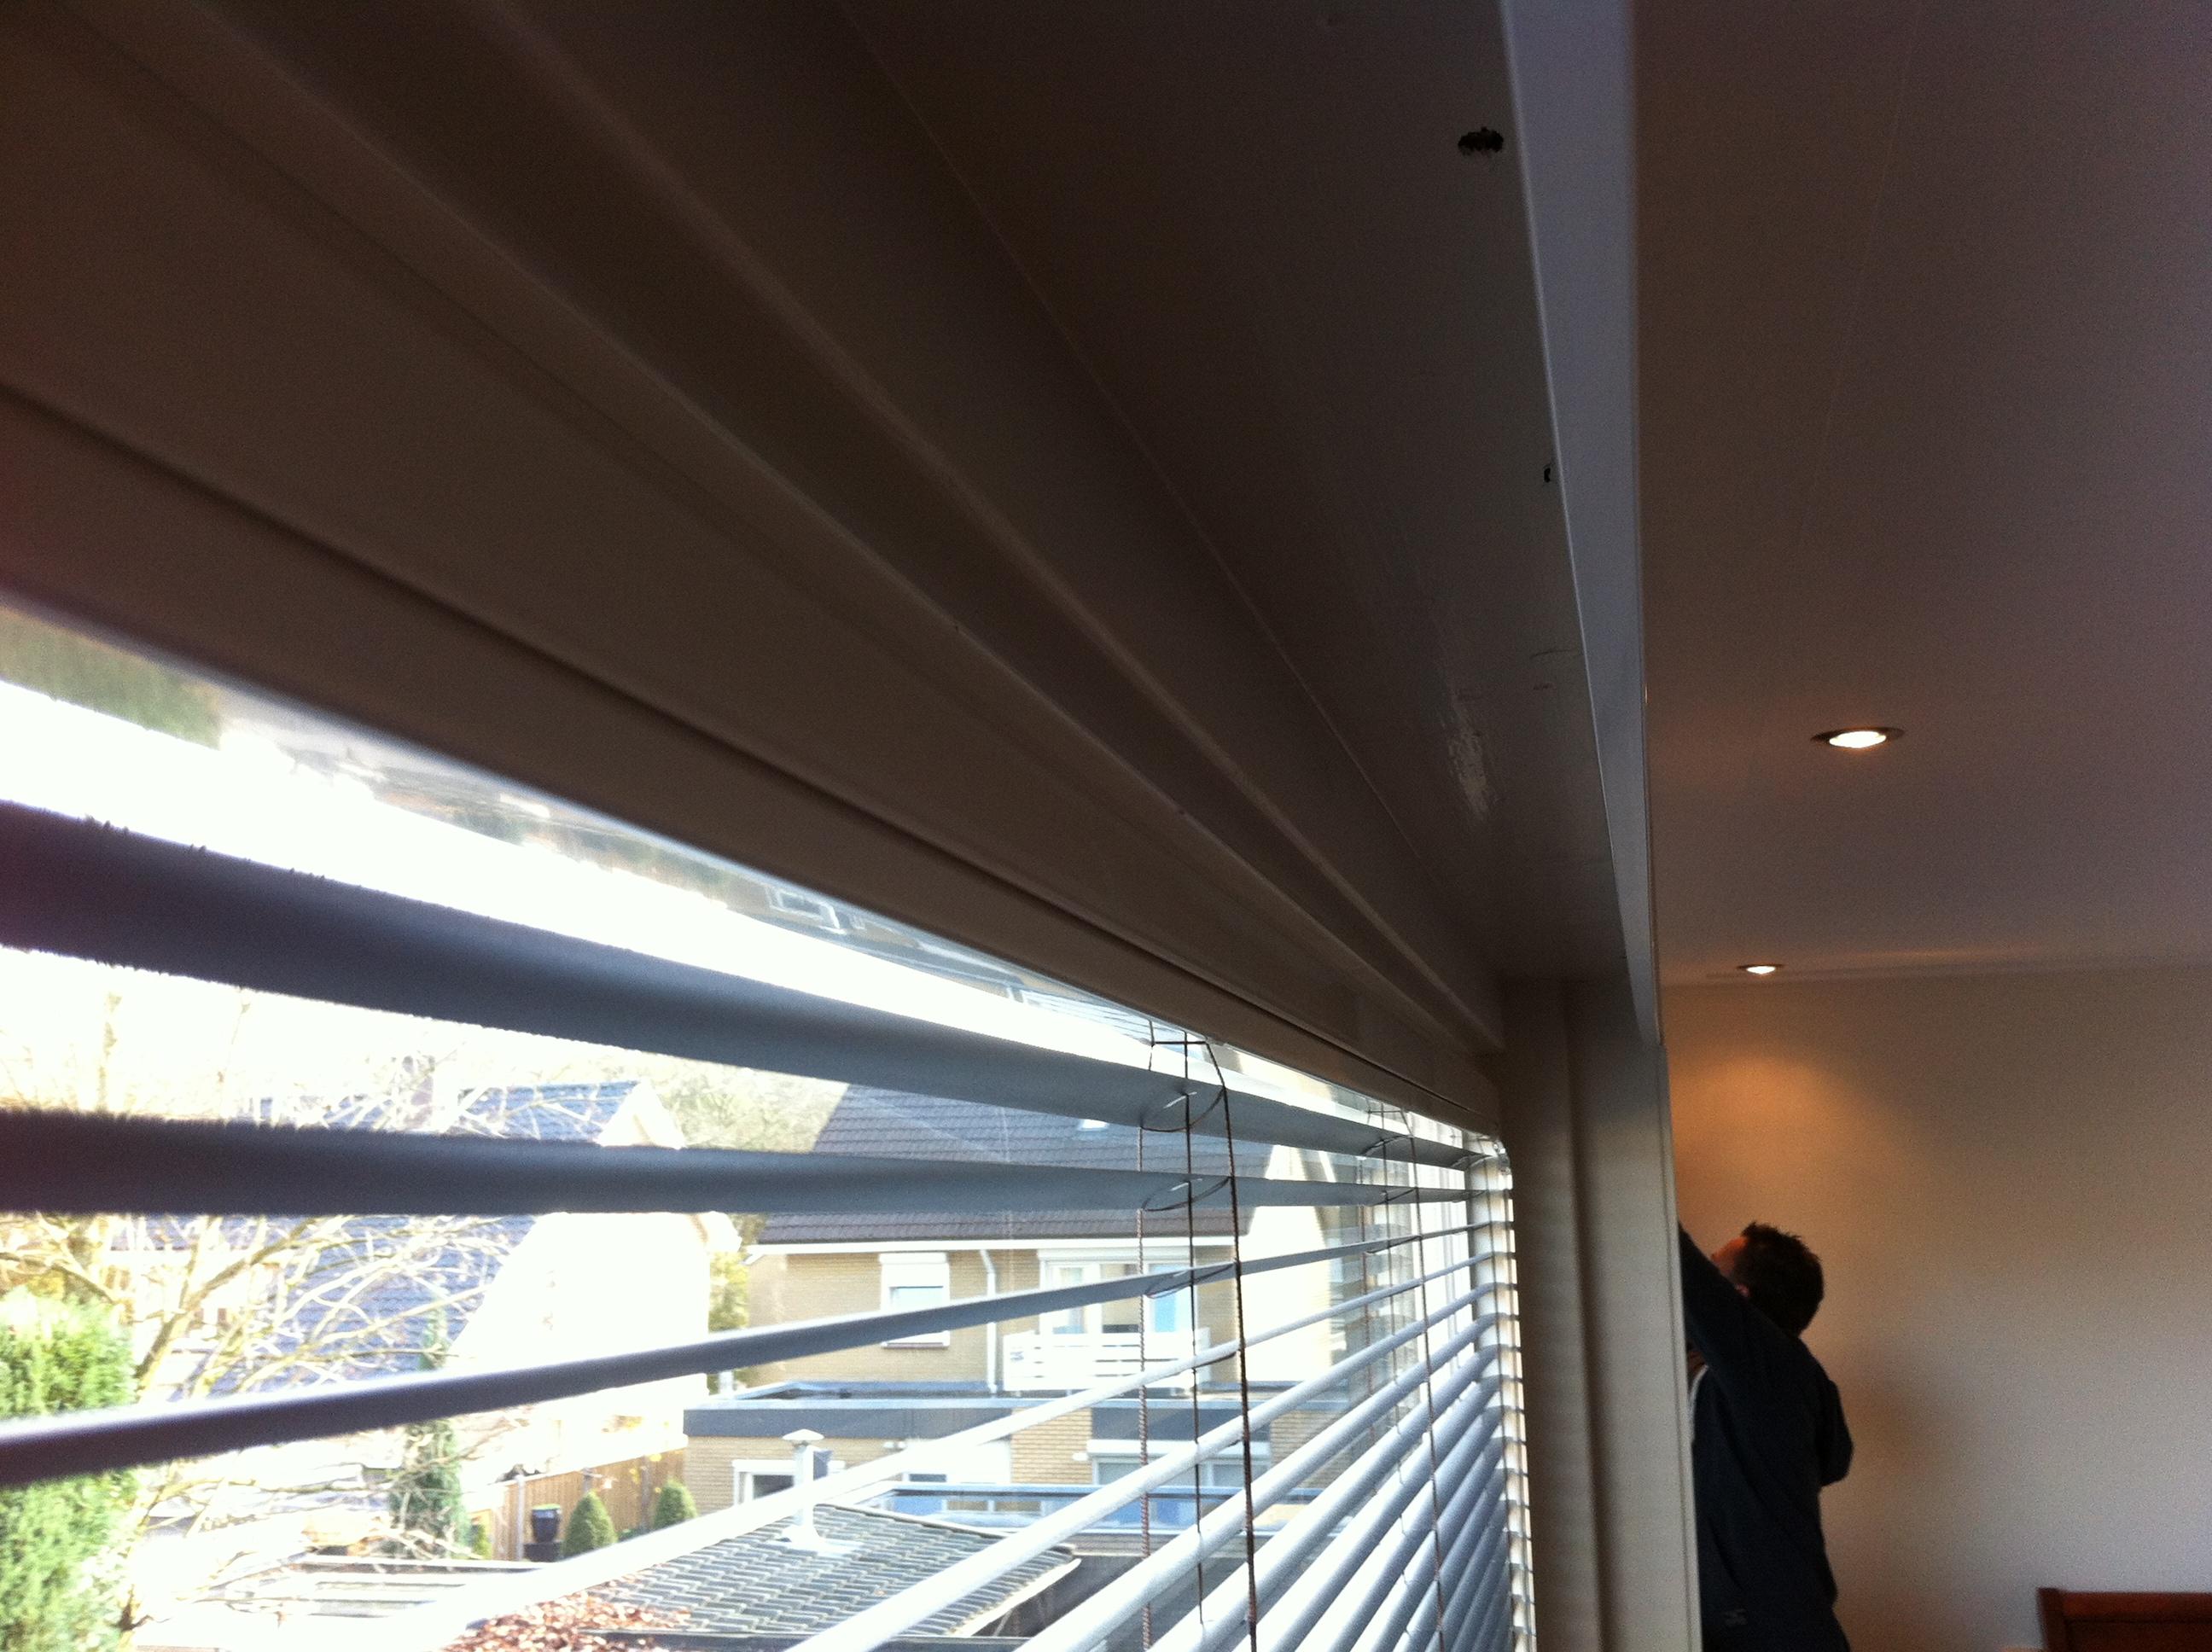 nieuw project ii raamdecoratie rijssen stervision